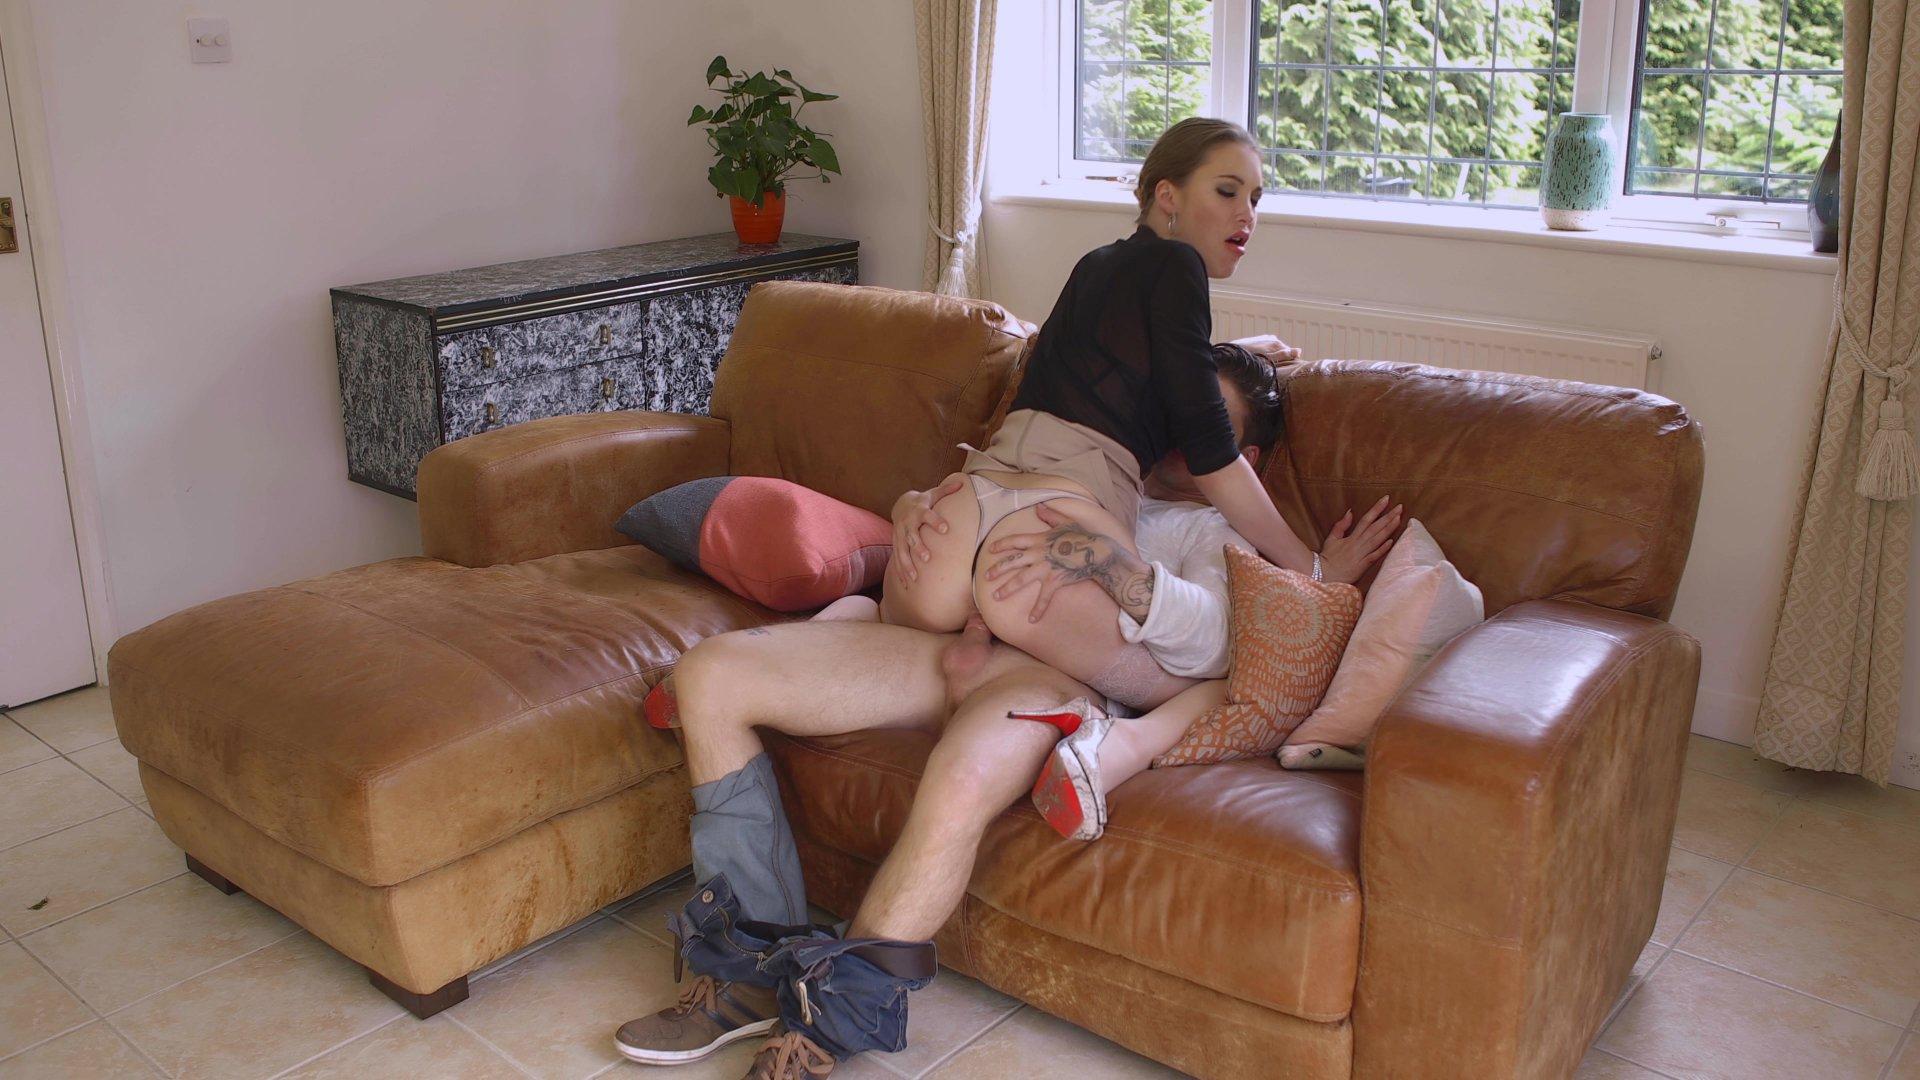 zhena-spit-s-sosedom-porno-sbornik-russkiy-konchayut-v-vaginu